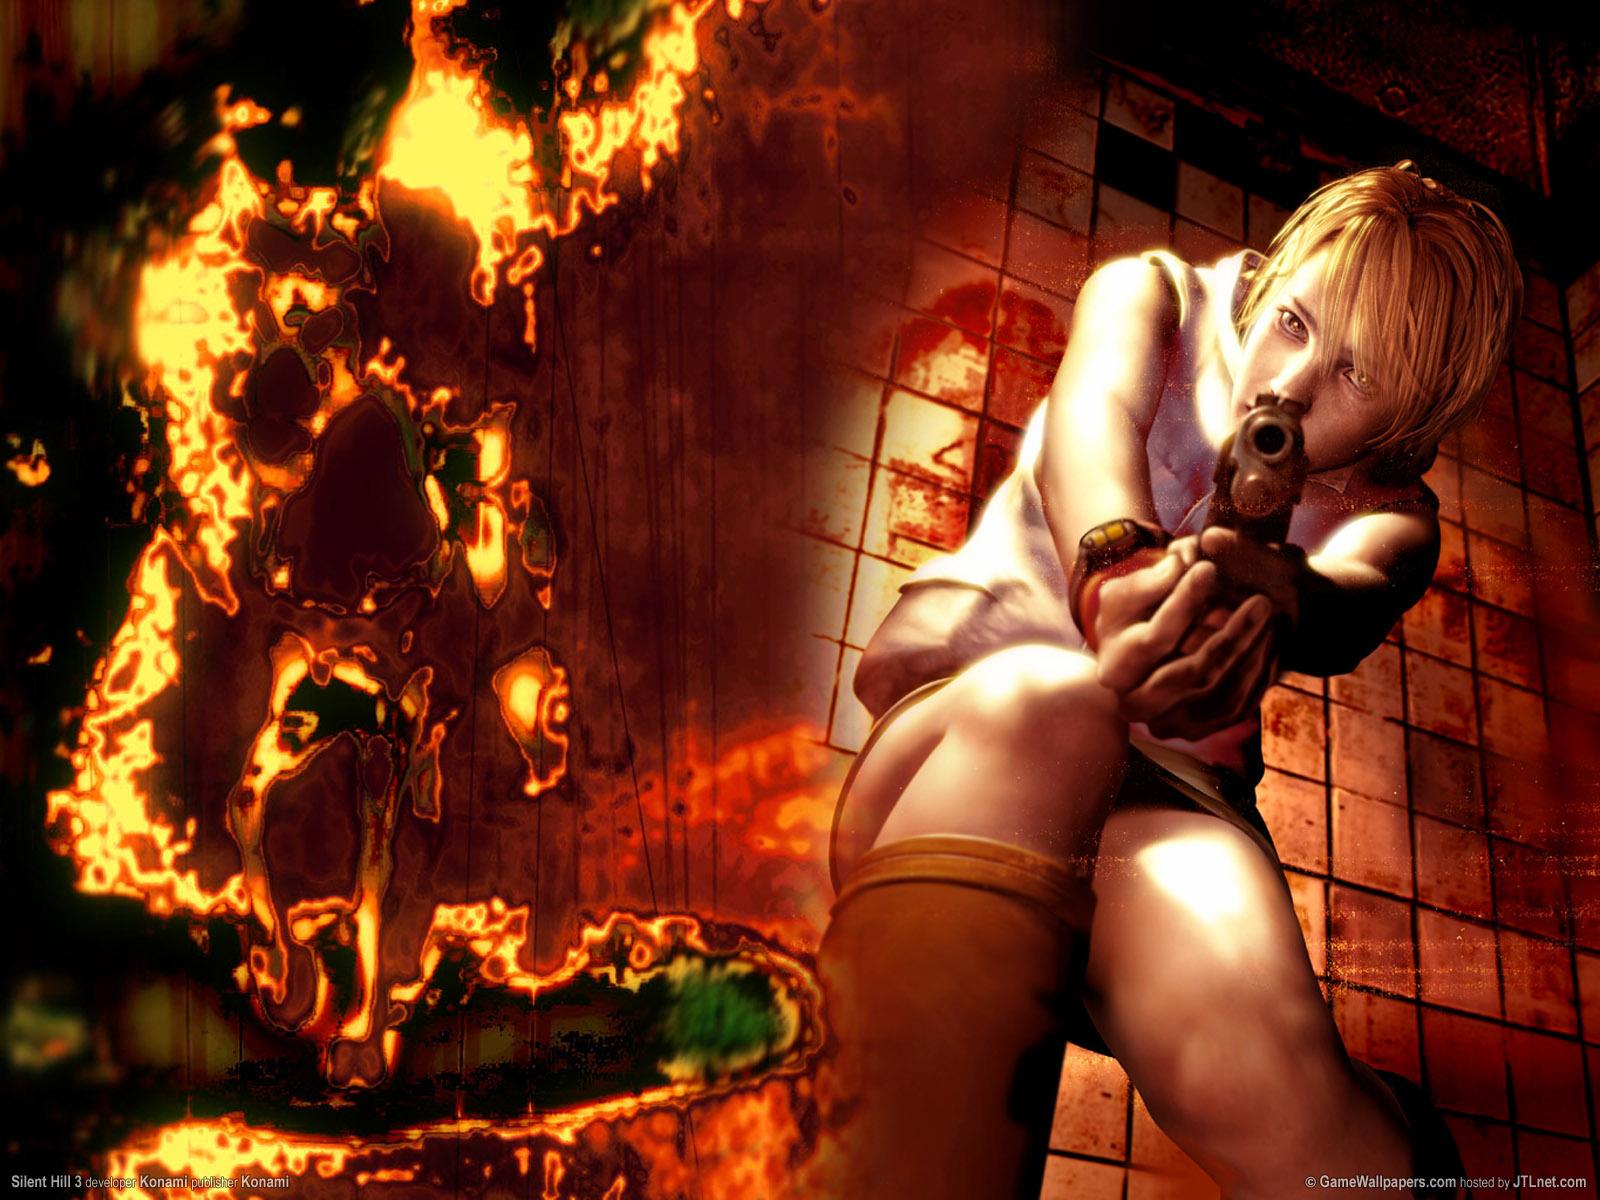 http://1.bp.blogspot.com/-diTfnppPsG4/Tt5o5pdk5zI/AAAAAAAAAl8/XXopFsVP7XM/s1600/wallpaper_silent_hill_3_01_1600.jpg